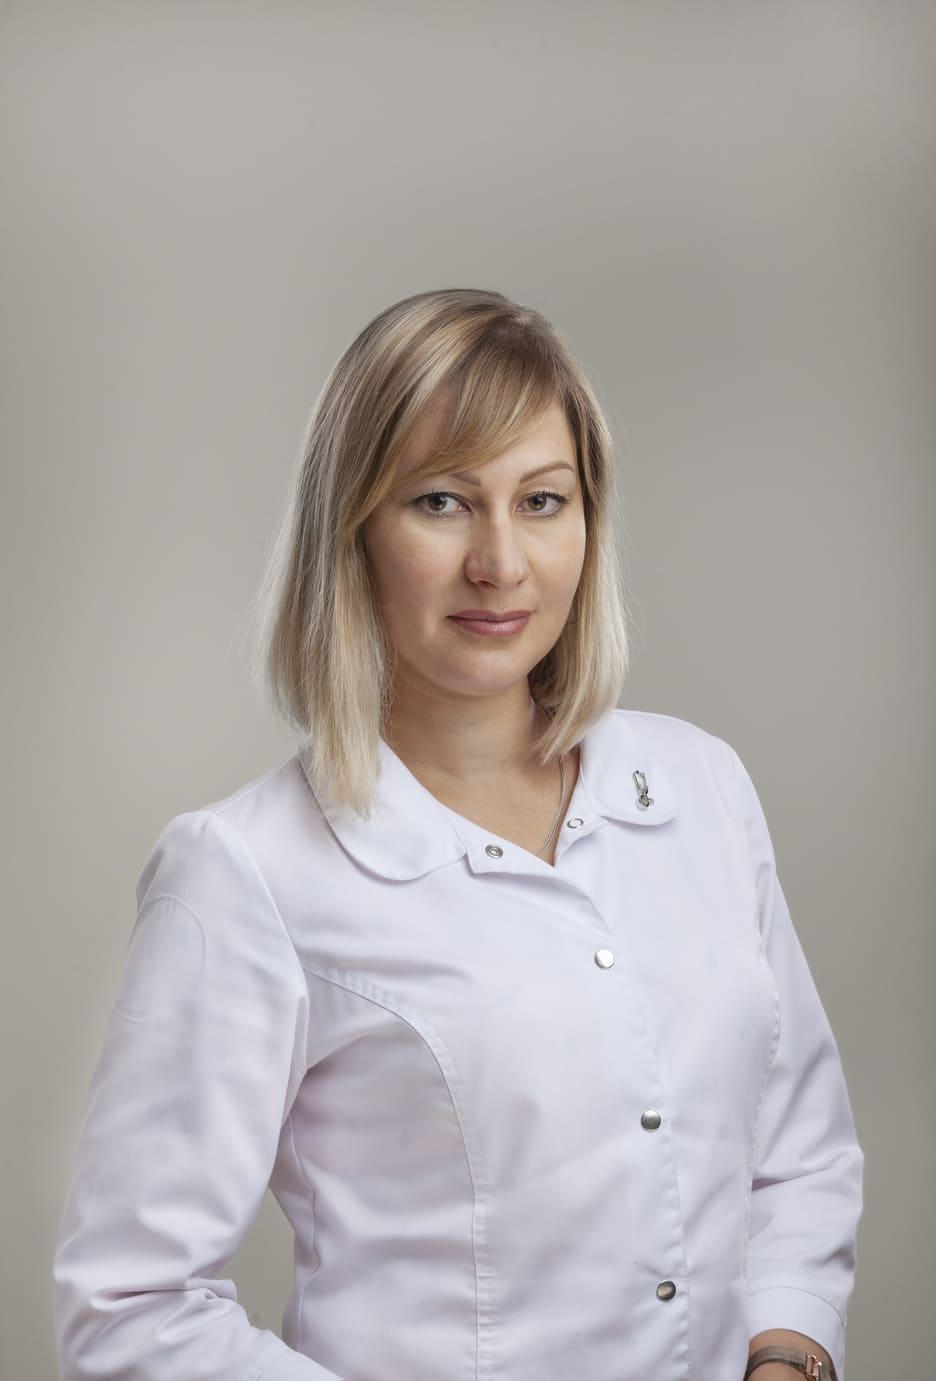 Цой Кристина Фаридовна